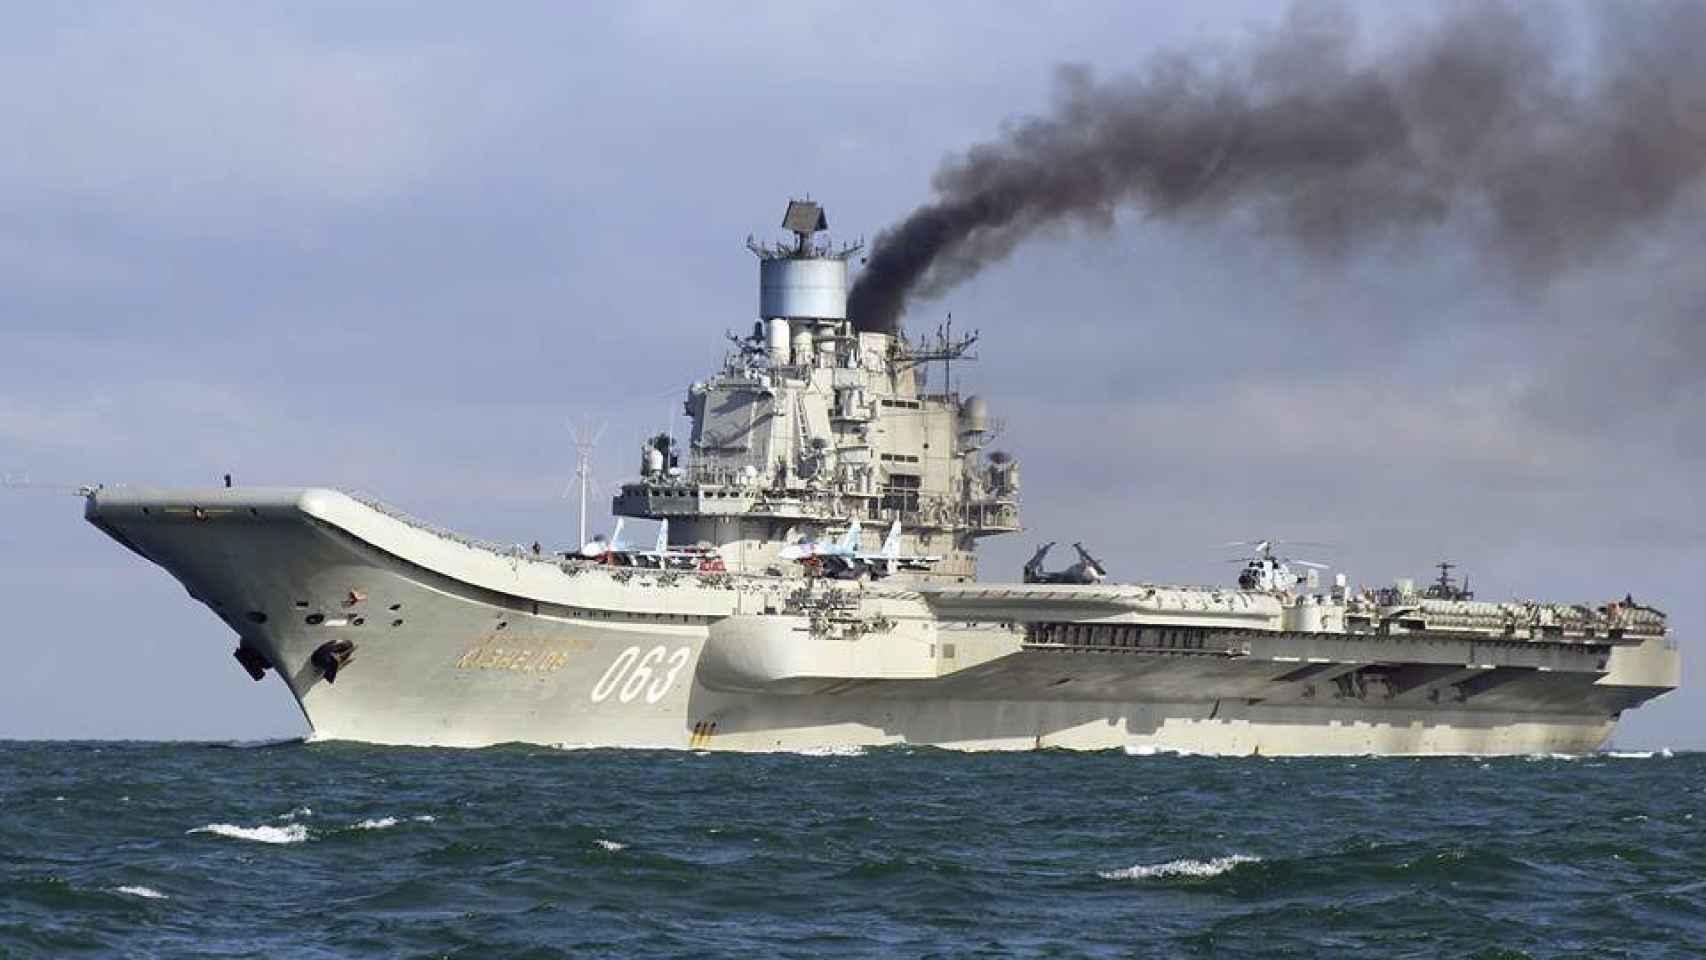 Imagen del portaaviones ruso a su paso por el Canal de la Mancha.